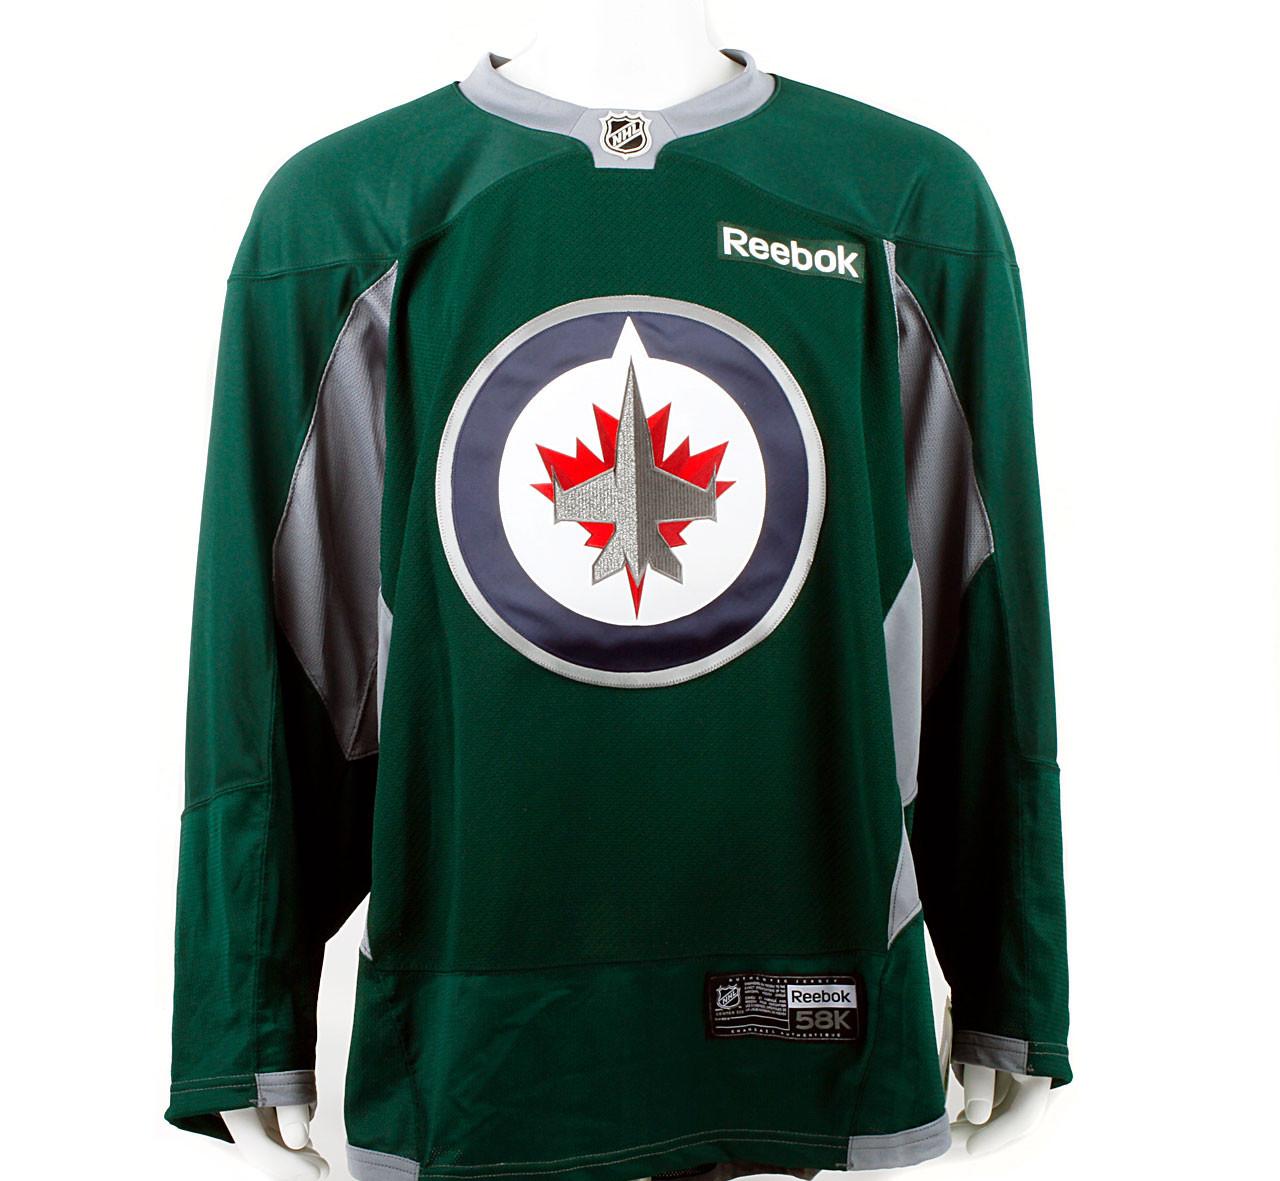 sports shoes e0ba3 3fa75 Practice Jersey - Winnipeg Jets - Forest Green Reebok Size 58+